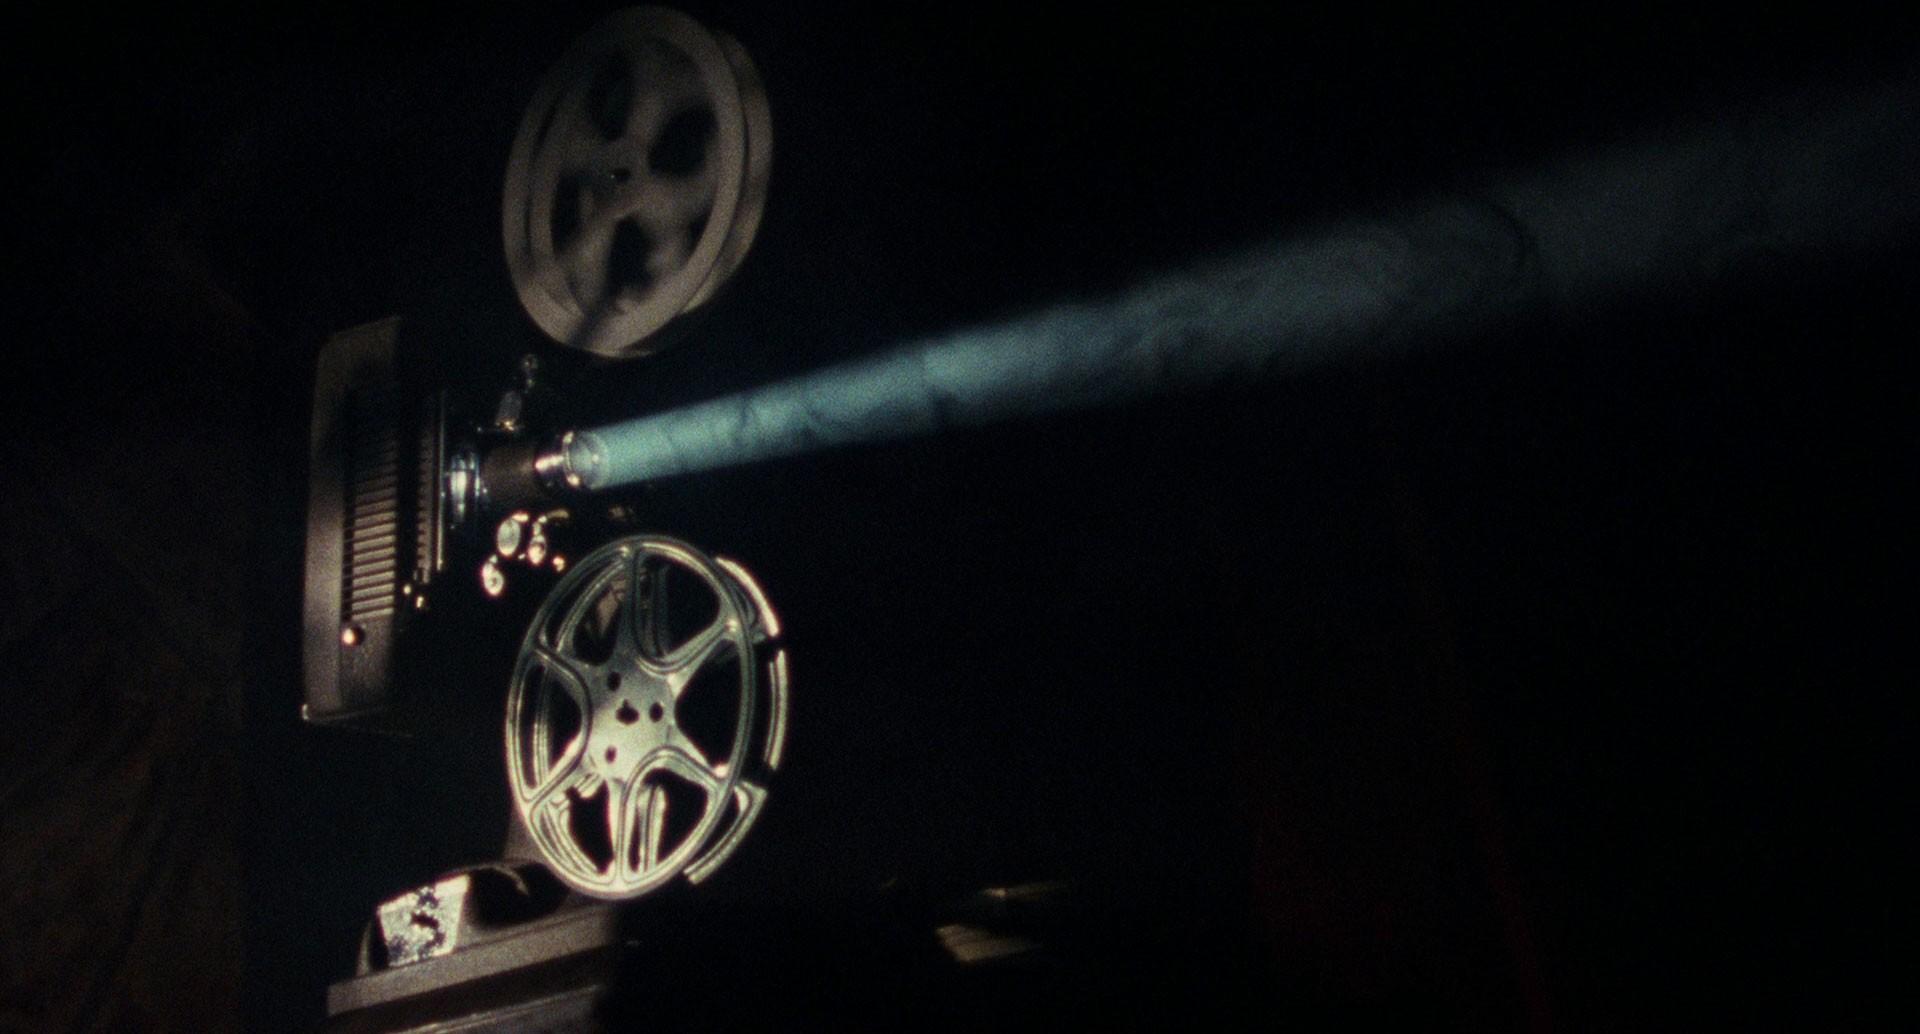 Анимация в кино картинки, логические загадки картинках